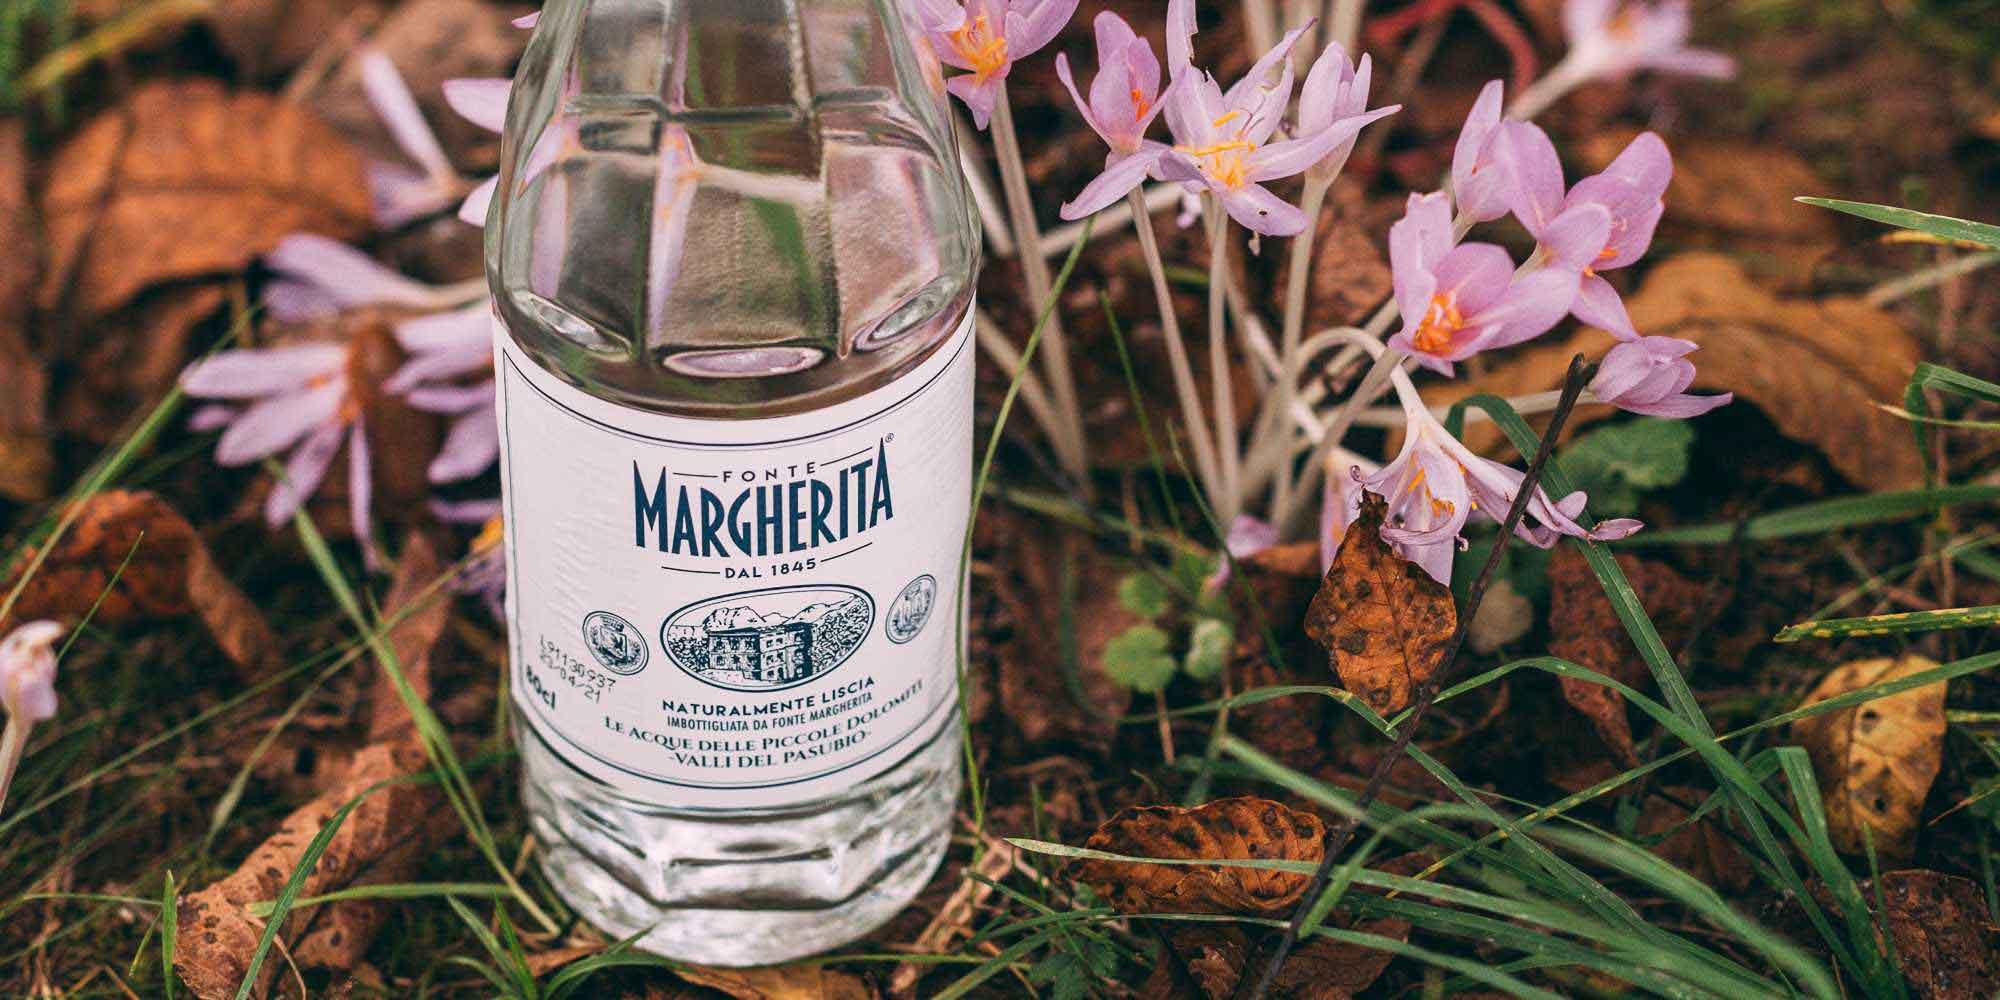 Fonte Margherita e l'acqua in vetro: una scelta che fa la differenza per te e per l'ambiente. I consigli del nostro Direttore Sanitario, prof. Paolo Pastore